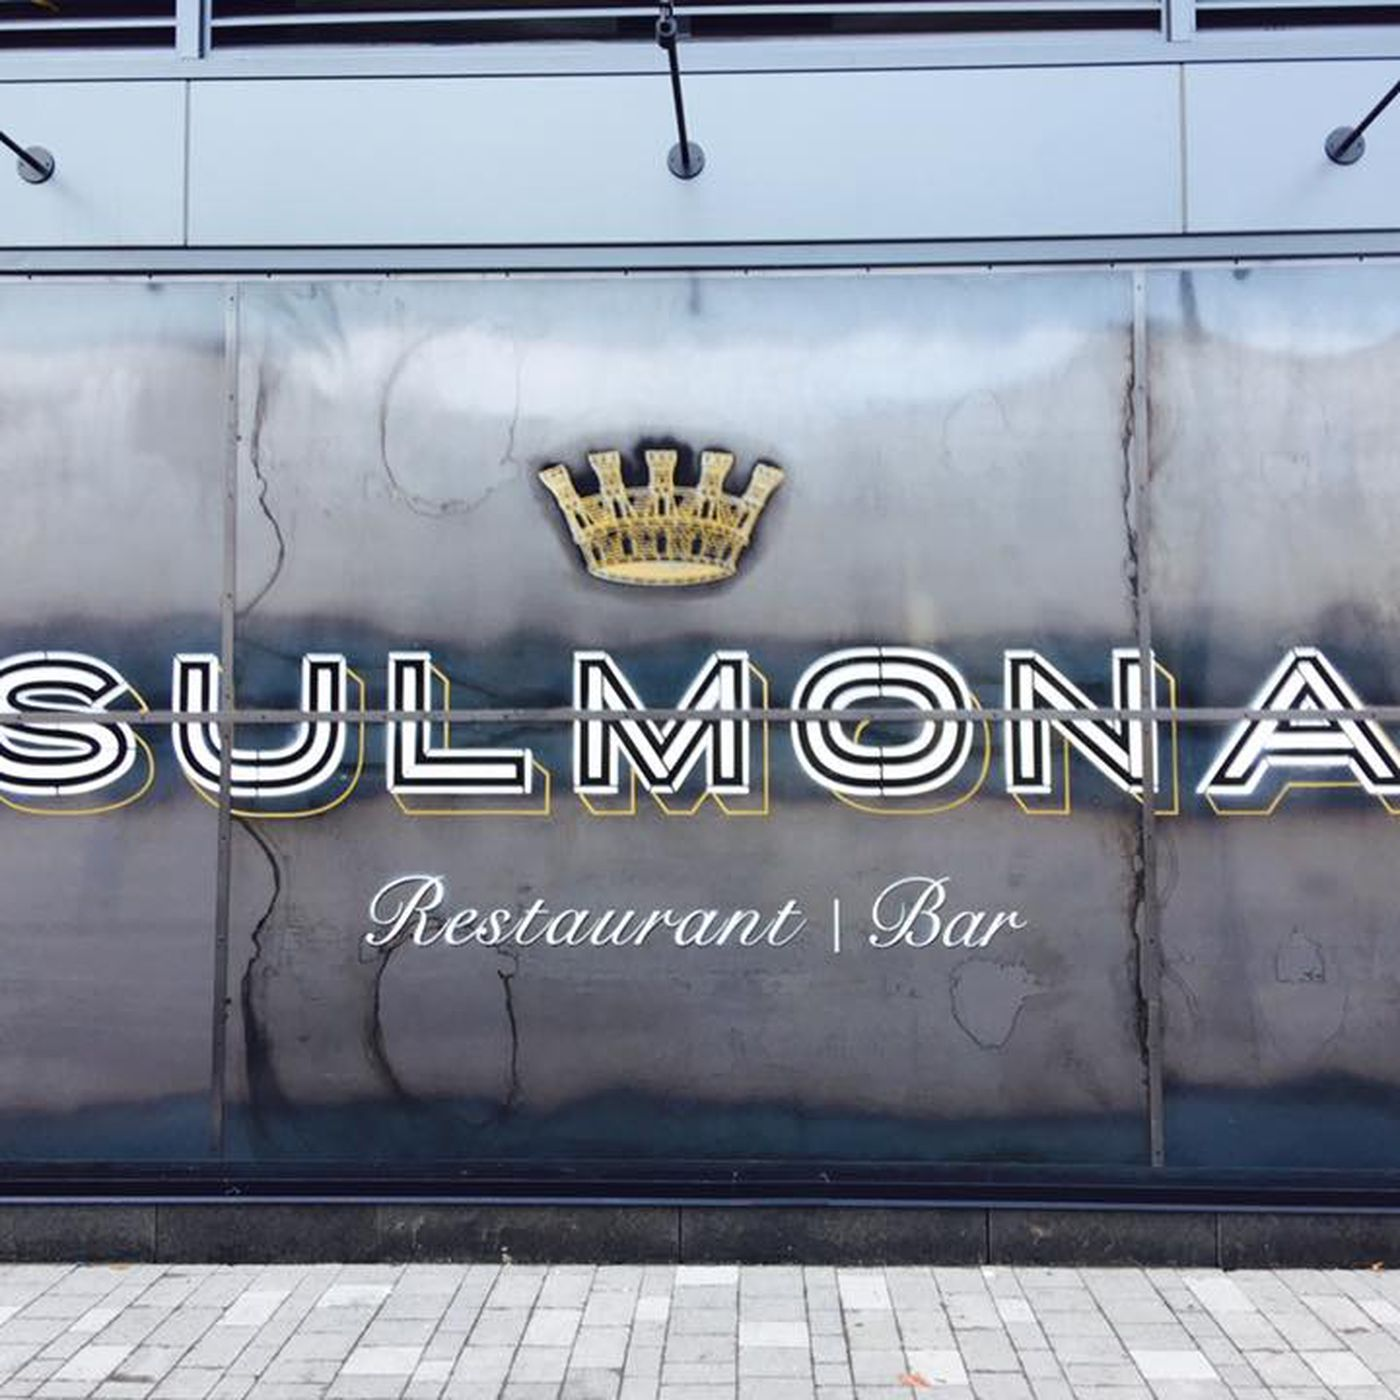 Sulmona Is Now Open in Cambridge - Eater Boston